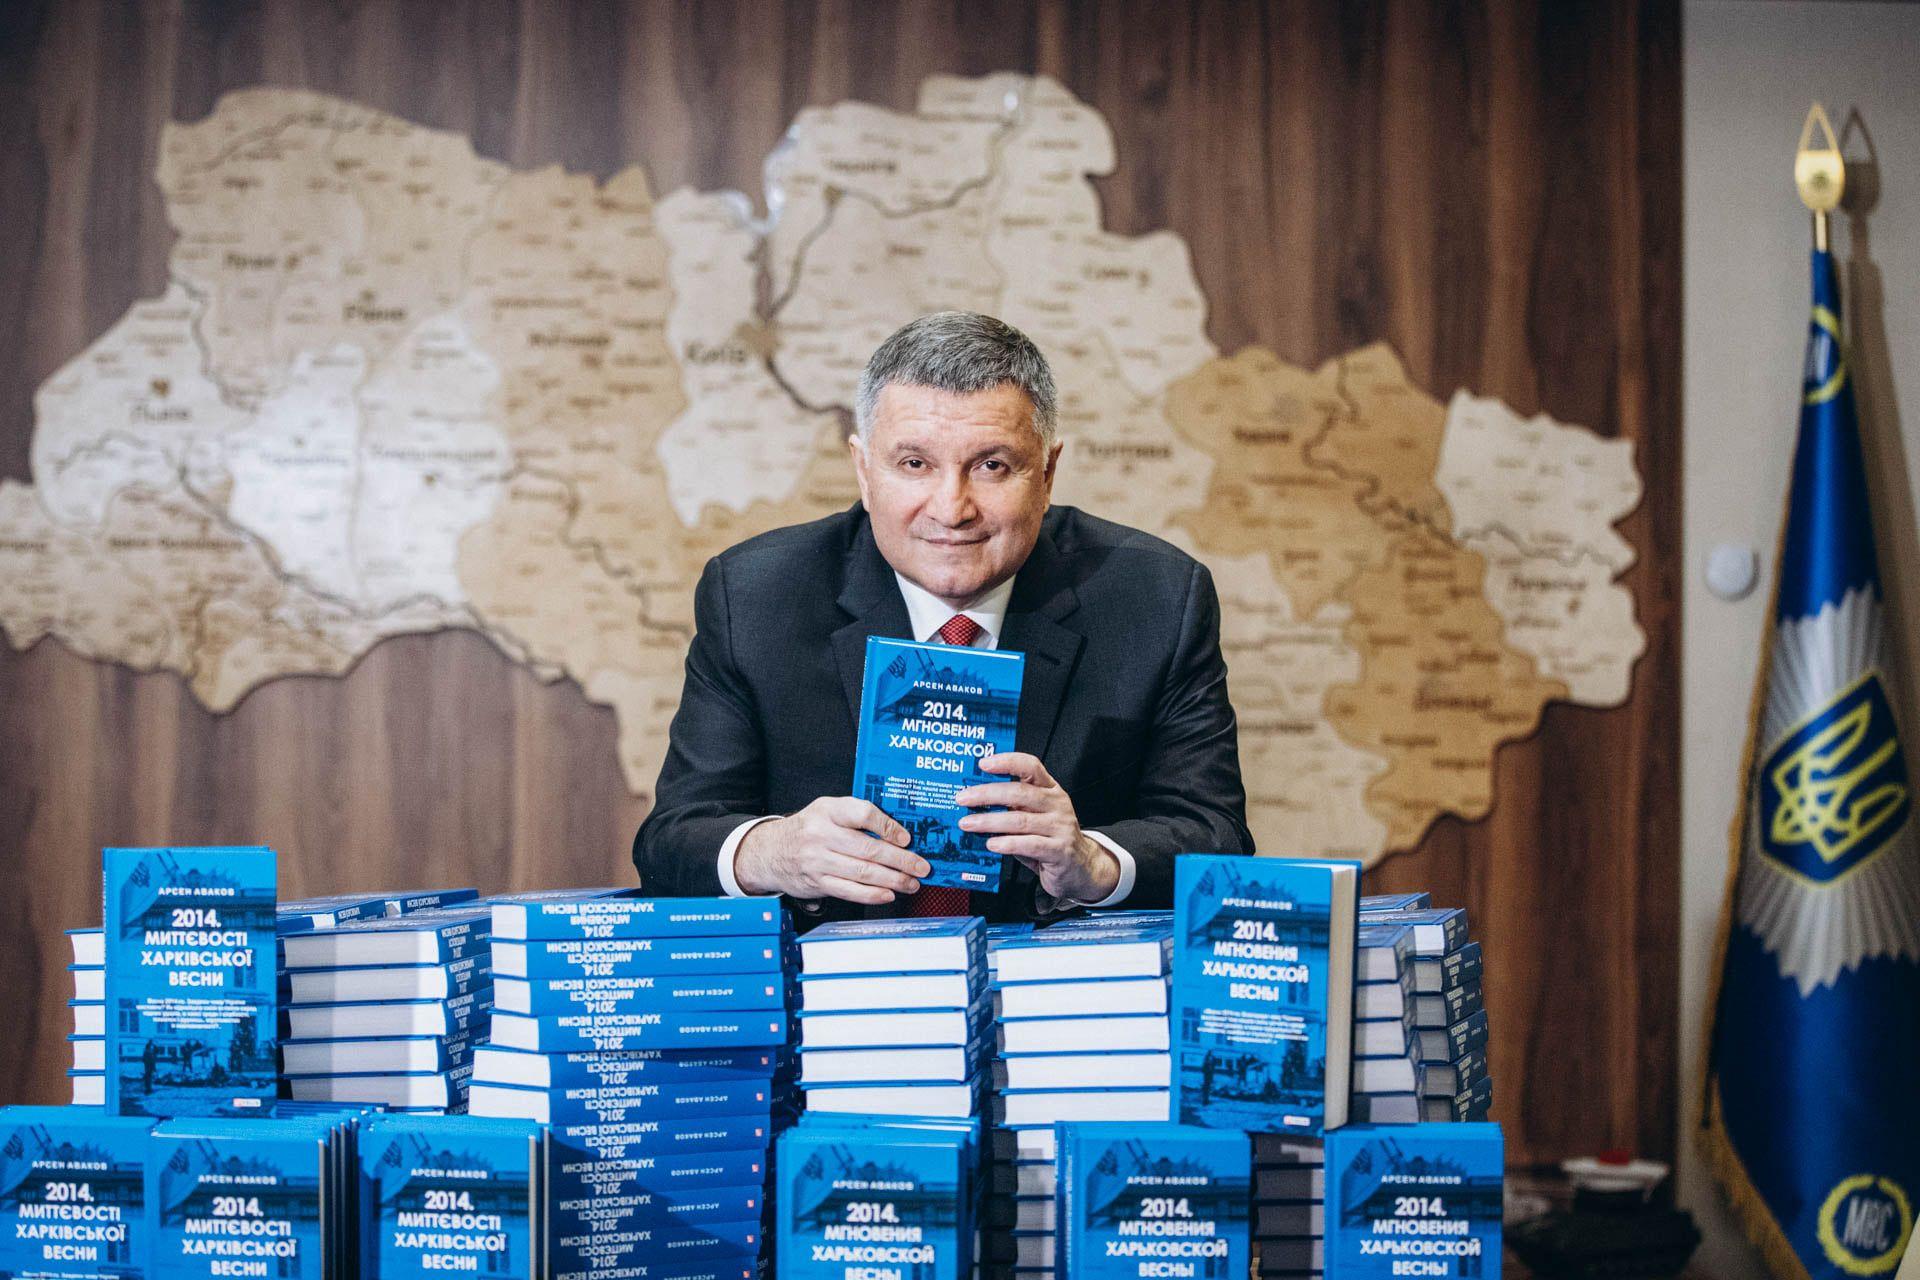 Аваков випустив книгу про плани окупантів створити «ХНР» у 2014 році